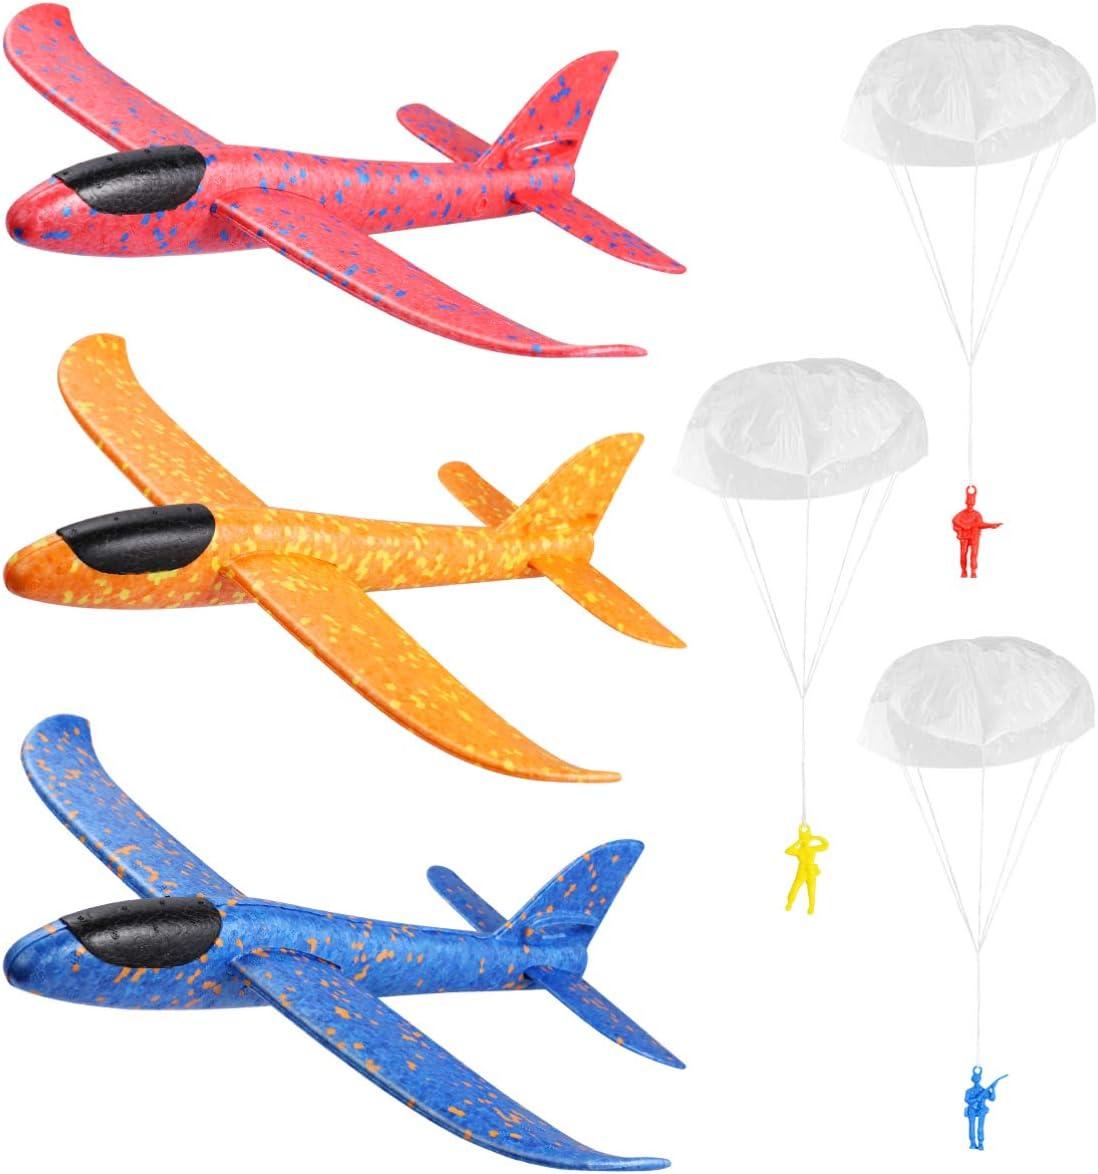 Toyvian Aviones Planeador, 3pcs 37cm Avión Espuma Lanzamiento con 3 Paracaidistas Modelo de Vuelo de Avión Ligero de Espuma para Niños